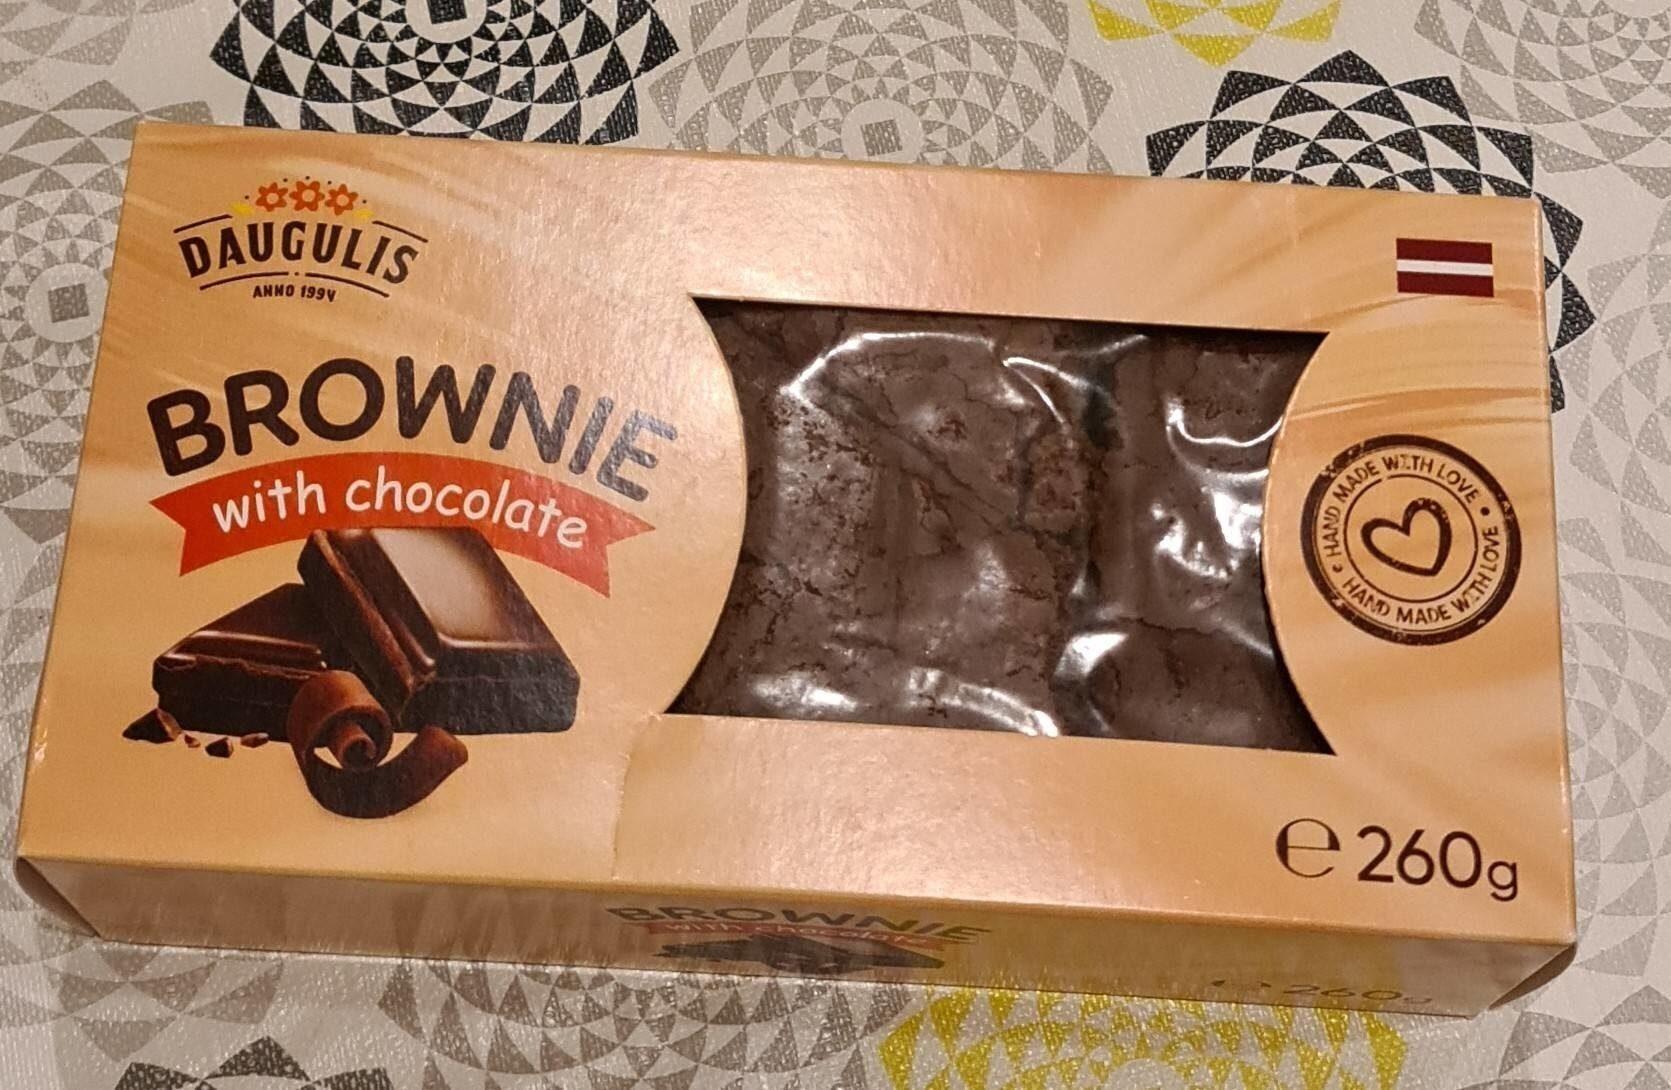 Daugulis brownie with chocolate - Prodotto - fr